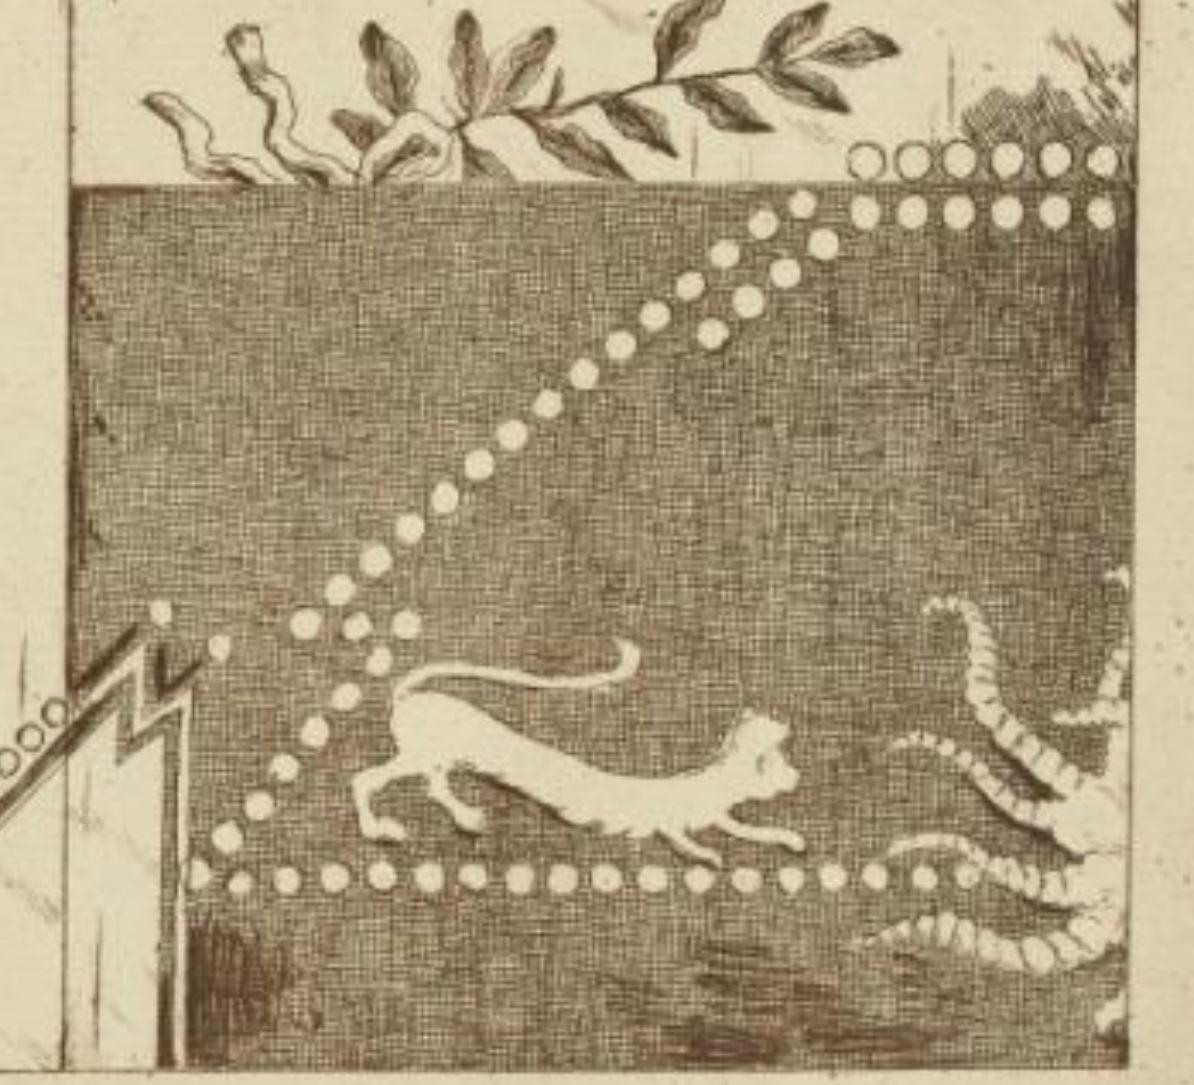 Leopold Armand Hugo Boite en maroquin Maison de Victor Hugo Hauteville House detail pieuvre